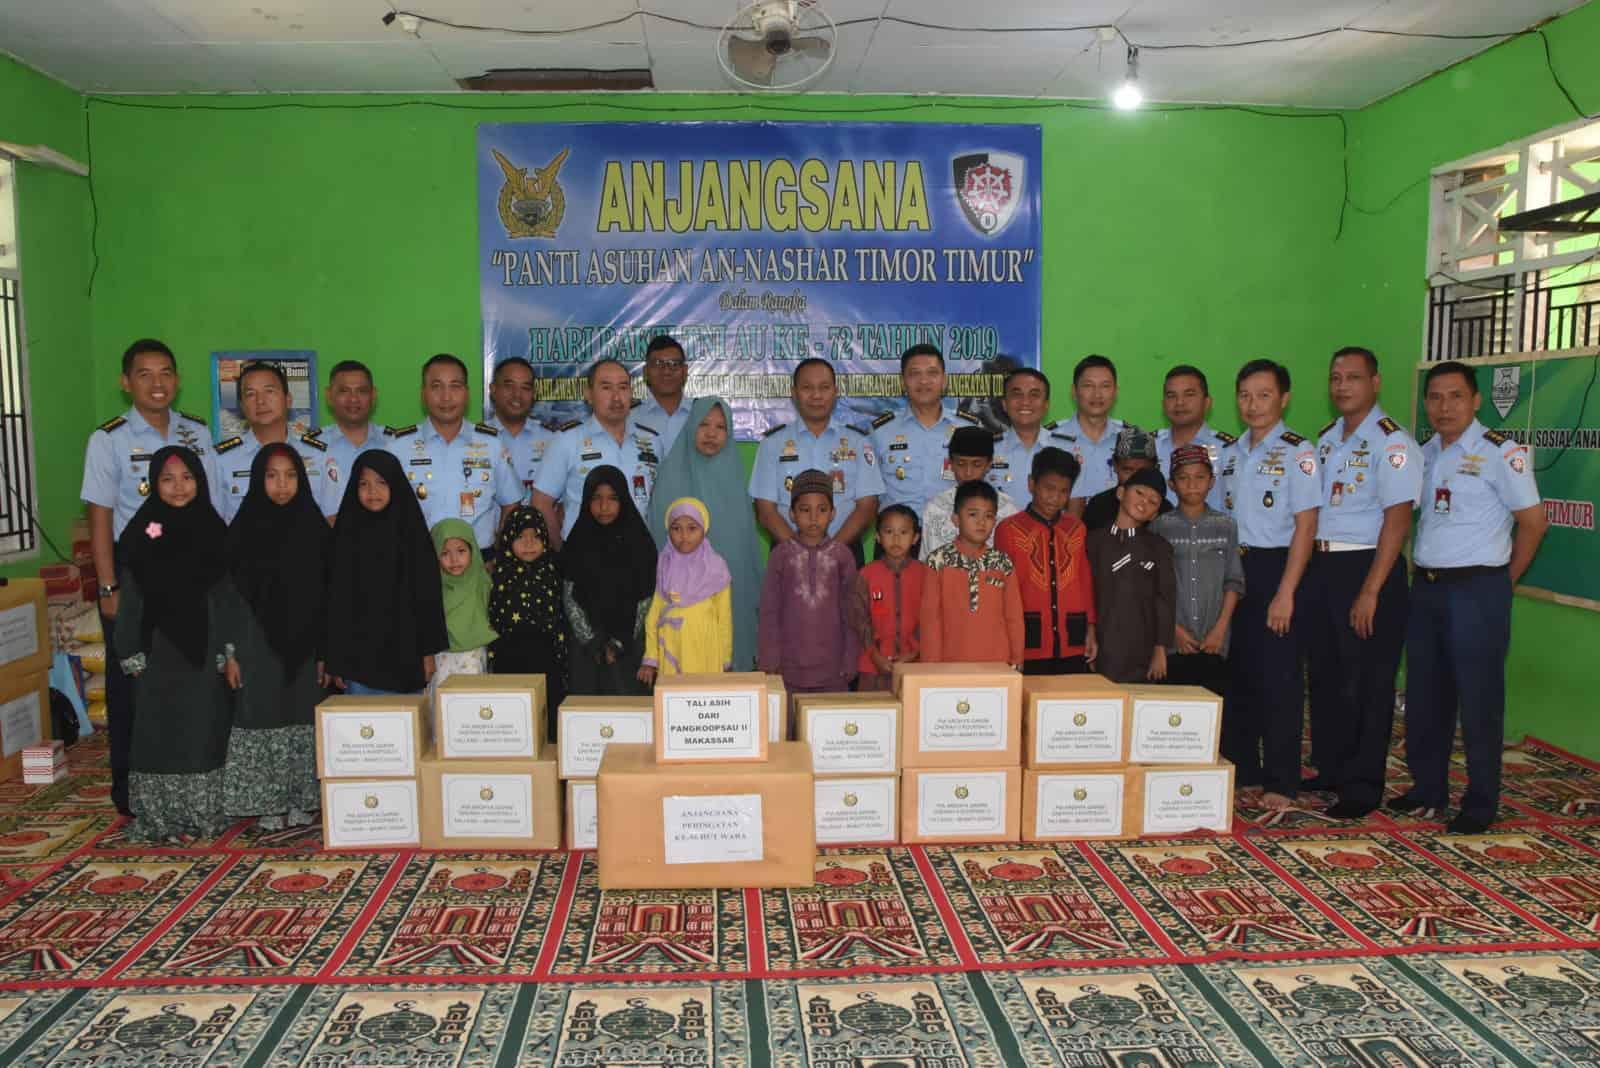 Dalam Rangka Peringatan Hari Bakti Tni Angkatan Udara Ke-72 Warga Koopsau Ii Anjangsana Ke Panti Asuhan An-nashar Timor Timur